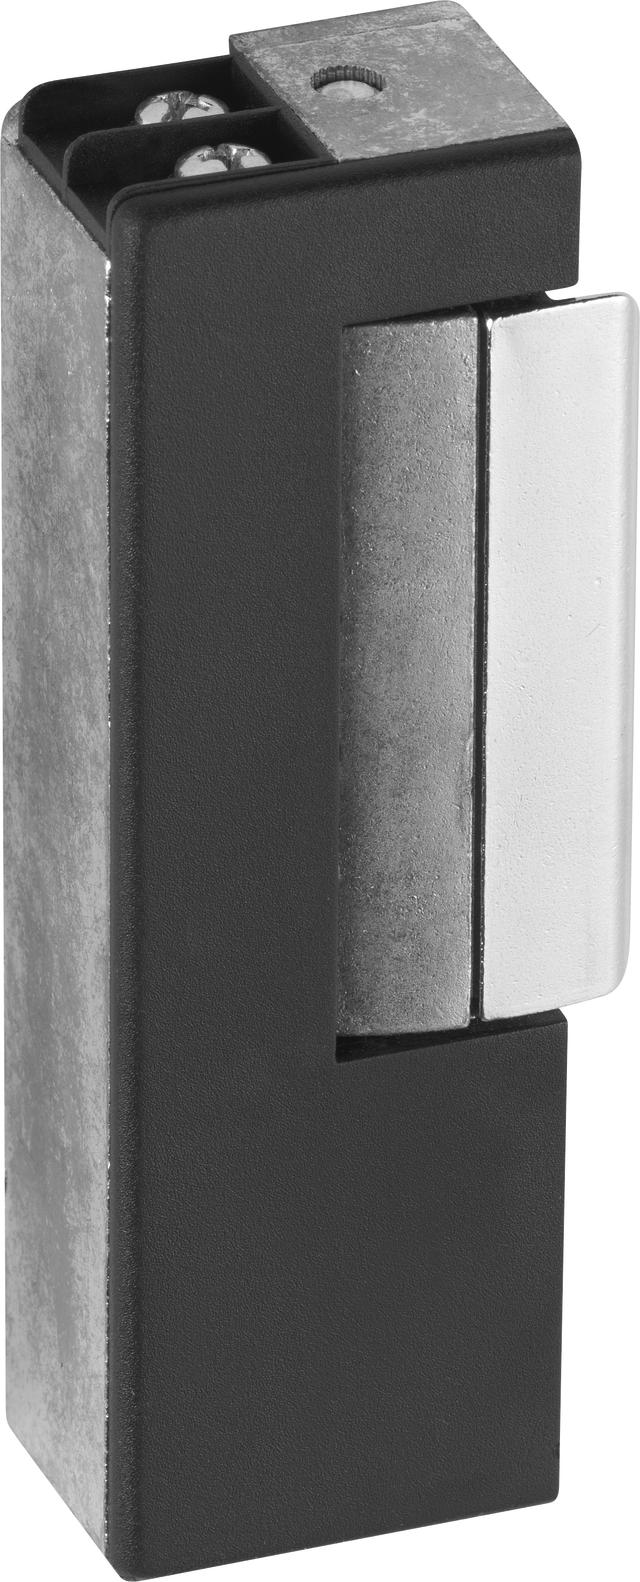 Elektrischer Türöffner ET50